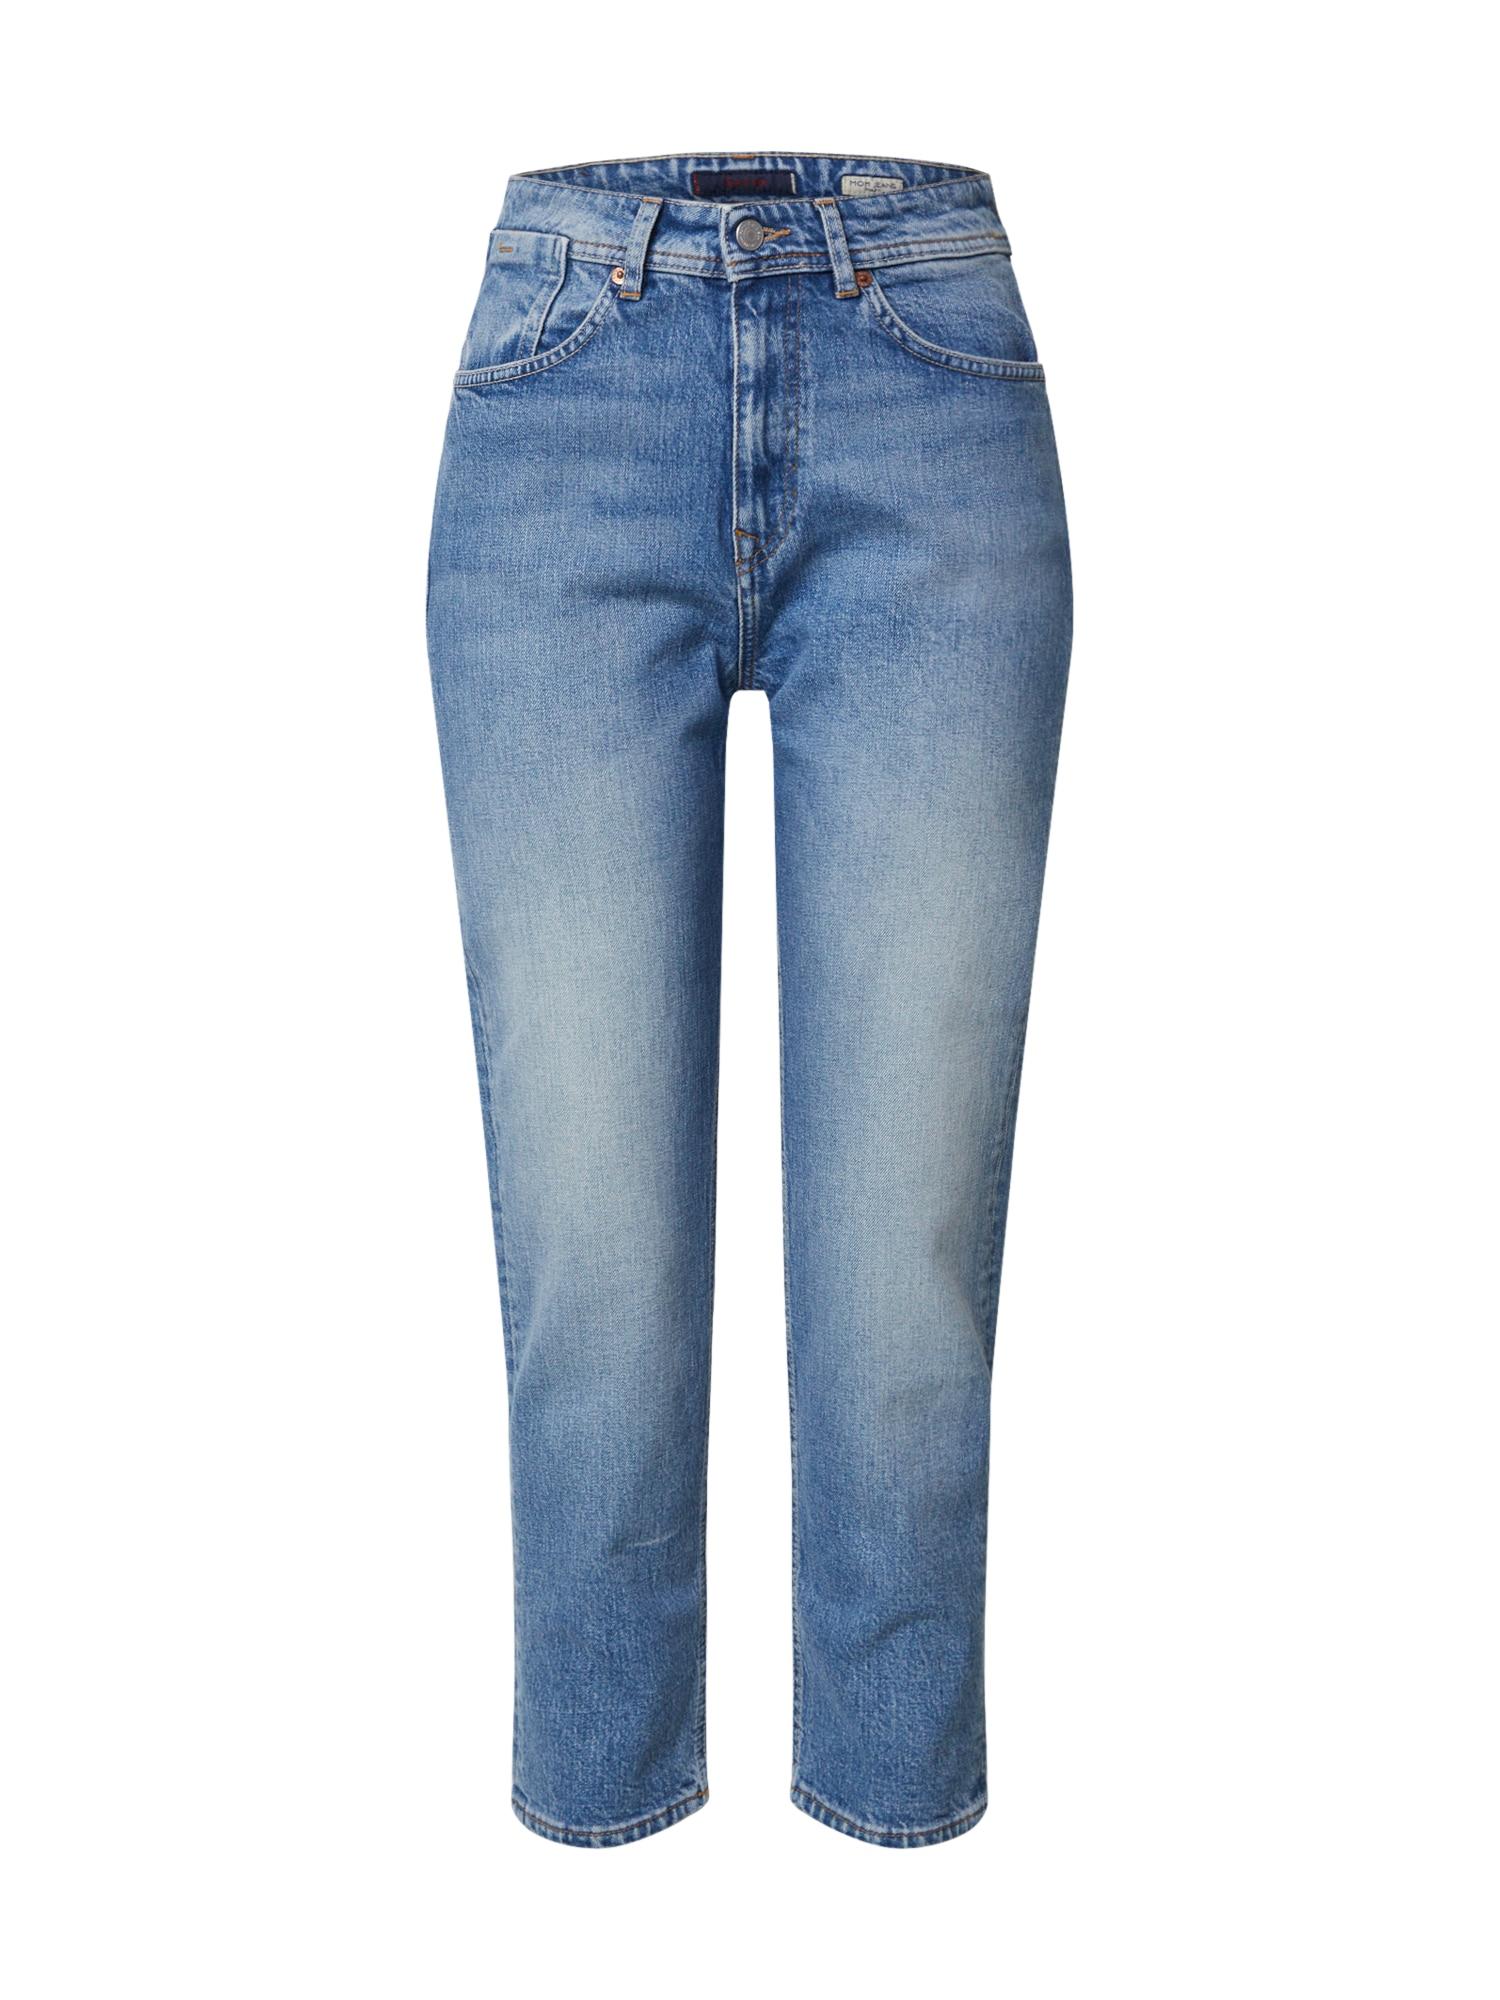 Salsa Džínsy 'Daughter jeans Capri'  modrá denim